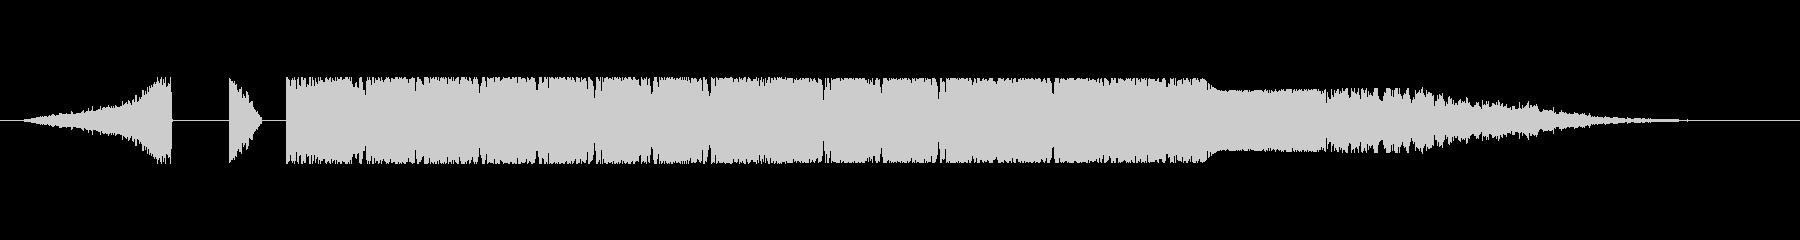 EDM系テクノポップのかっこいいジングルの未再生の波形